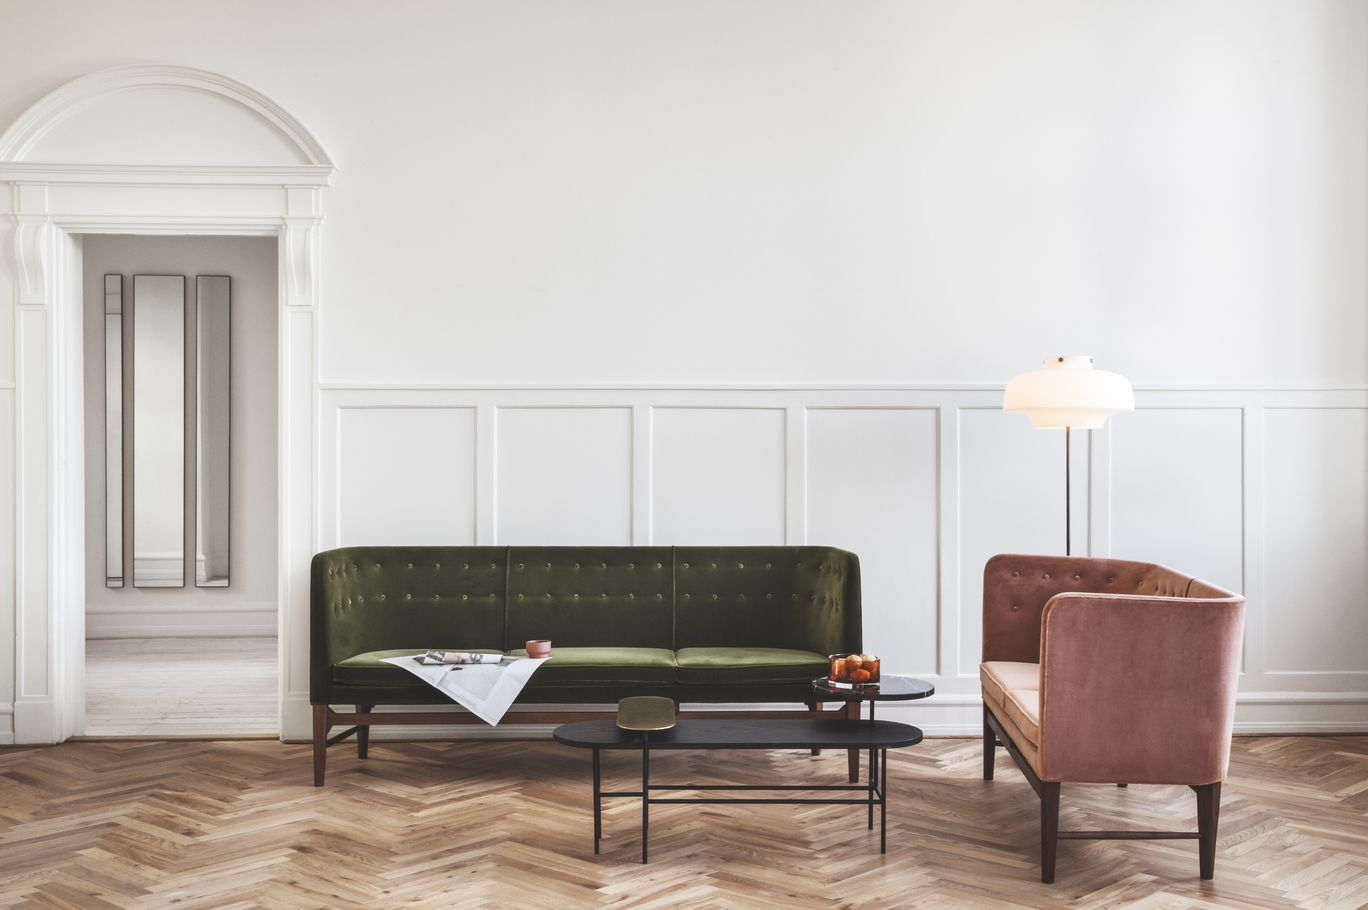 Arne jacobsen interior mayor sofa by arne jacobsen copenhagen floor lamp by space